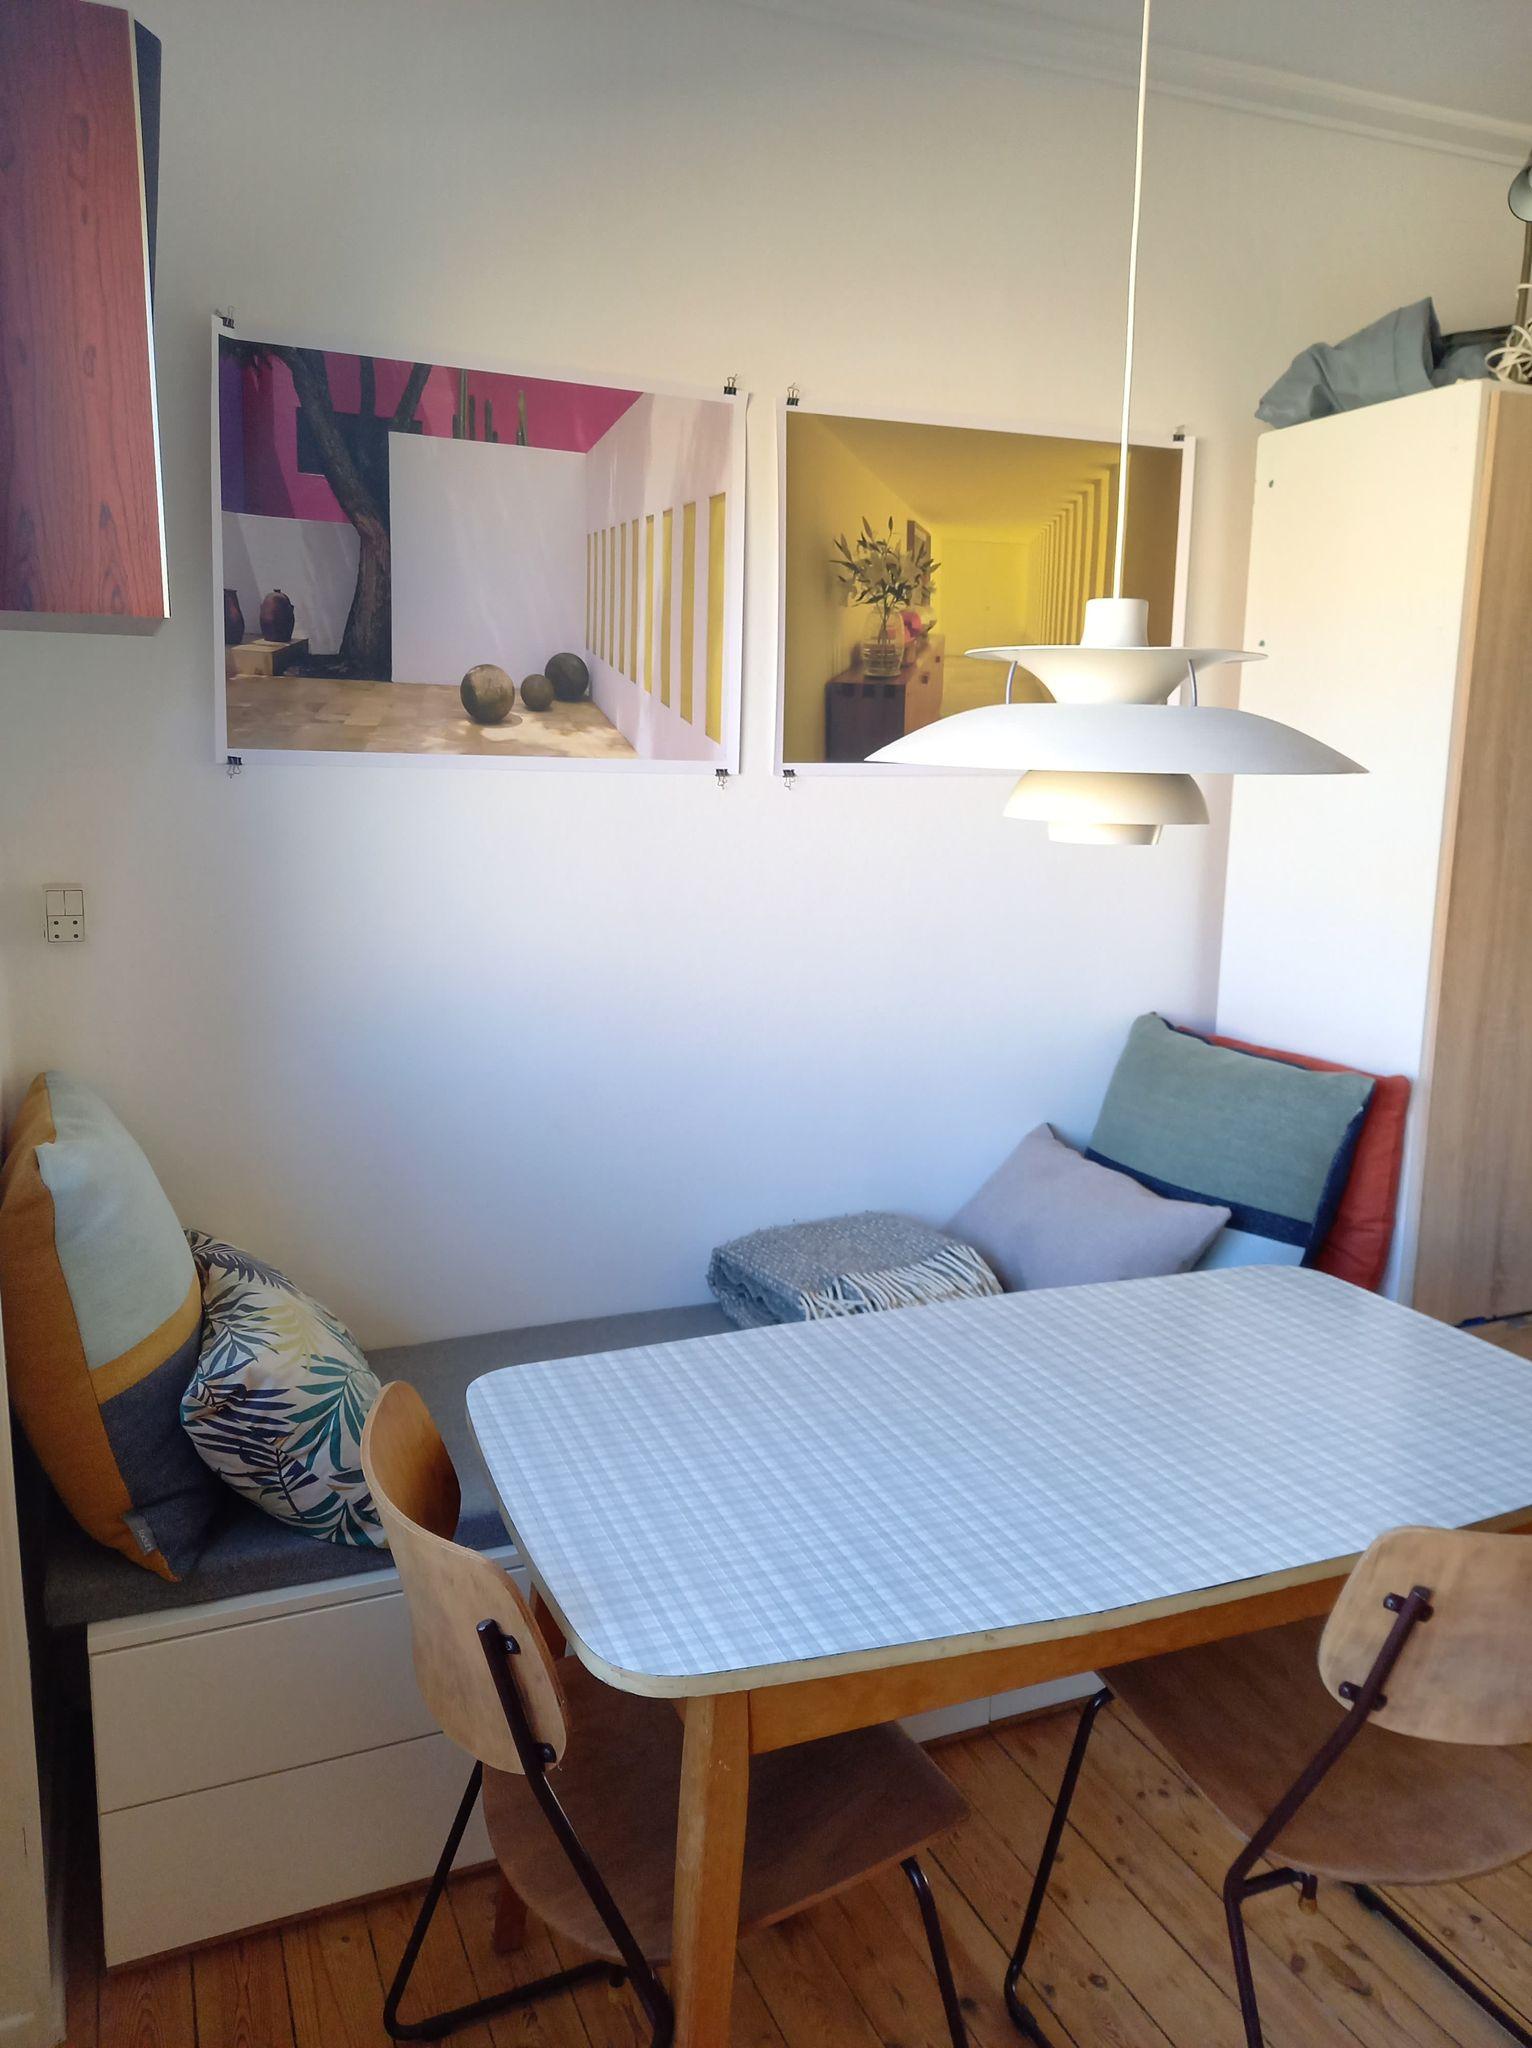 Møbleret værelse i Nordvest / furnished room in Nordvest